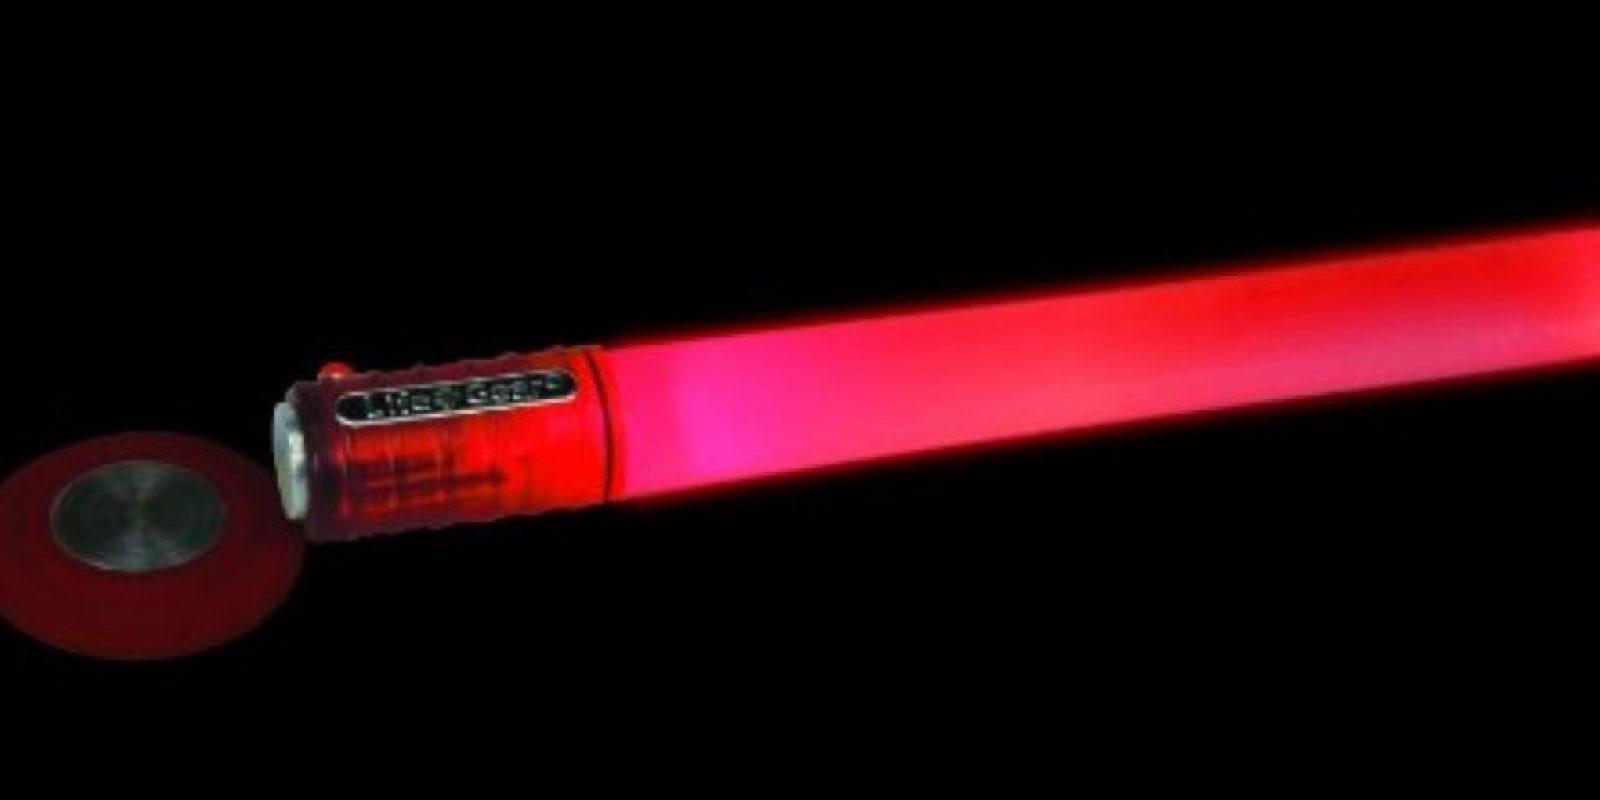 Luces LED Foto:Amazon.com